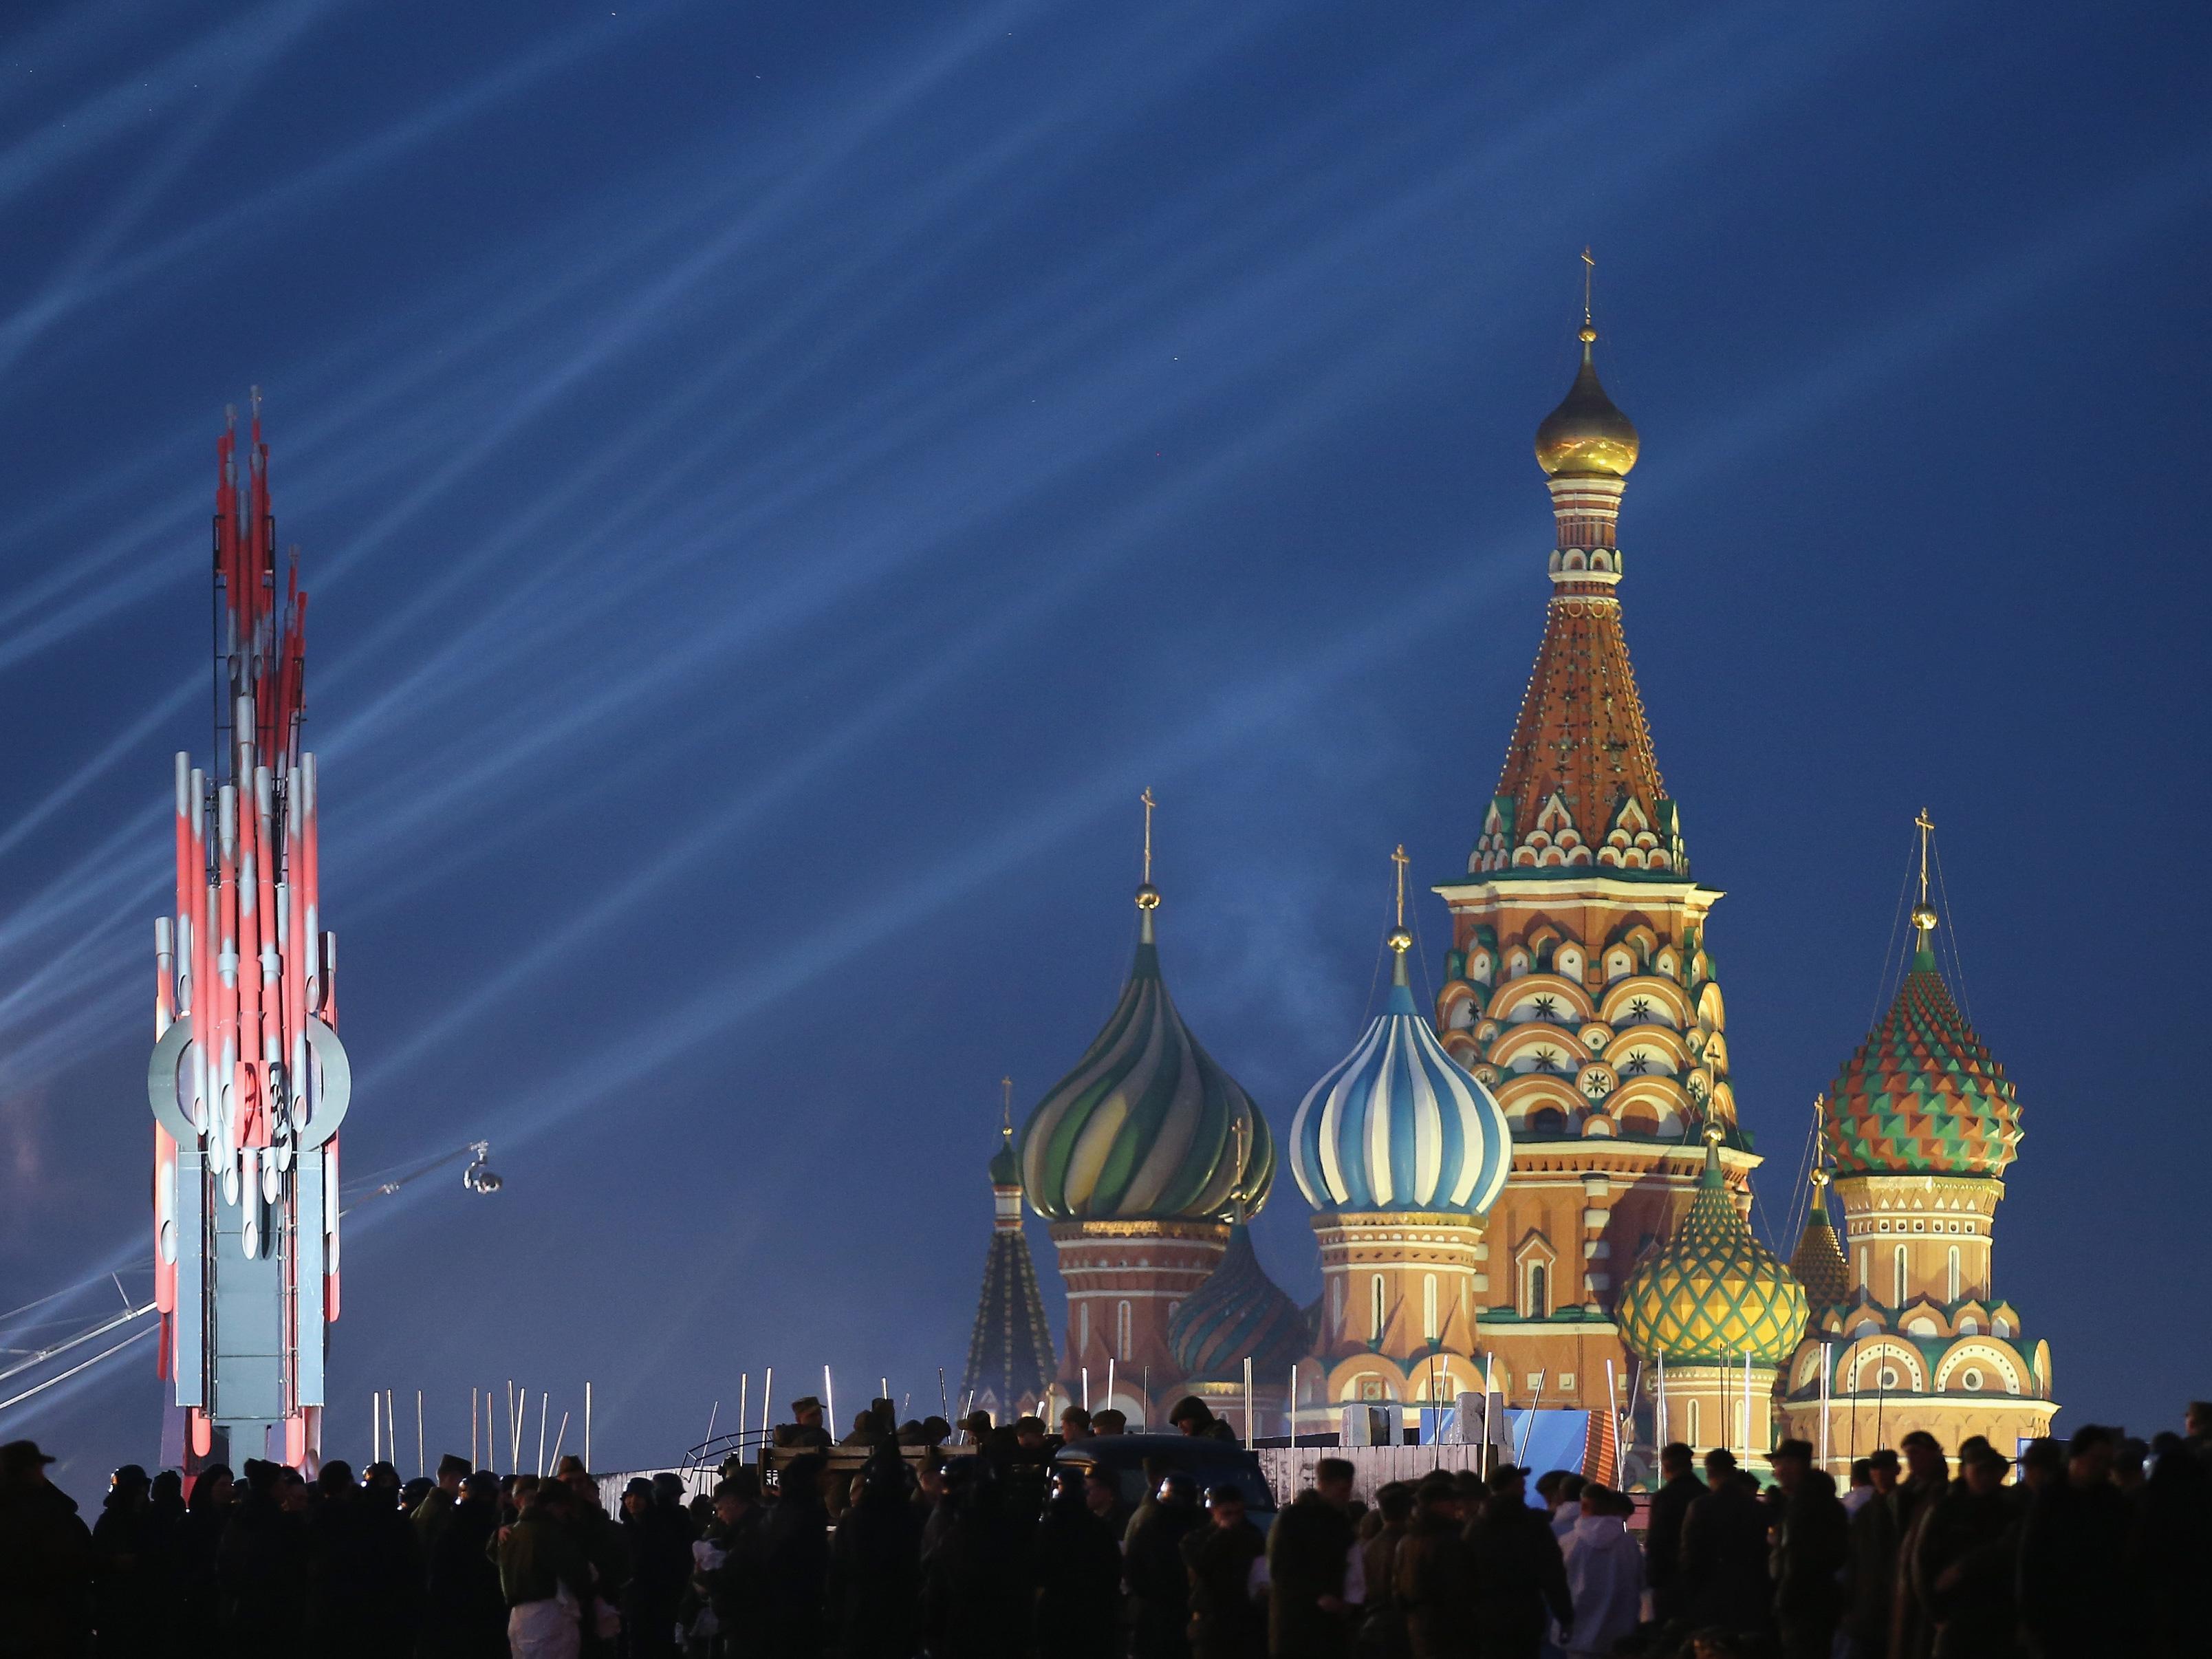 לא, זה לא דיסנילנד. ככה נראית מוסקבה (Getty)